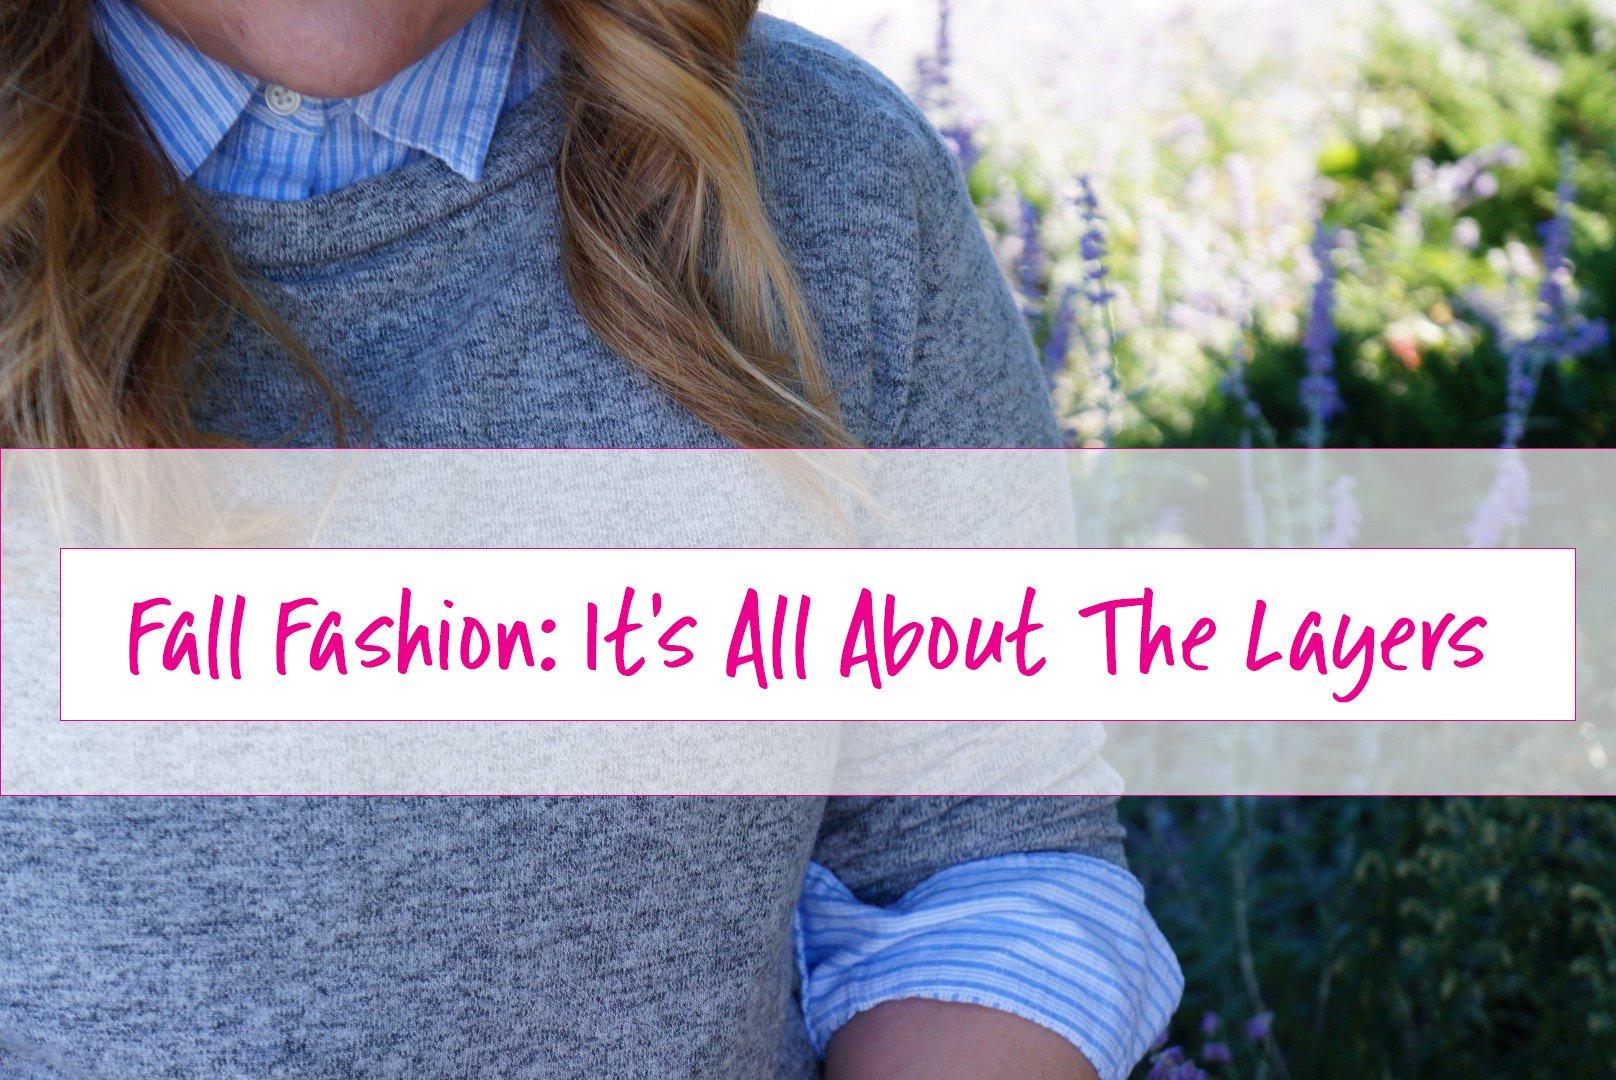 Fall-Fashion-Layers-Title